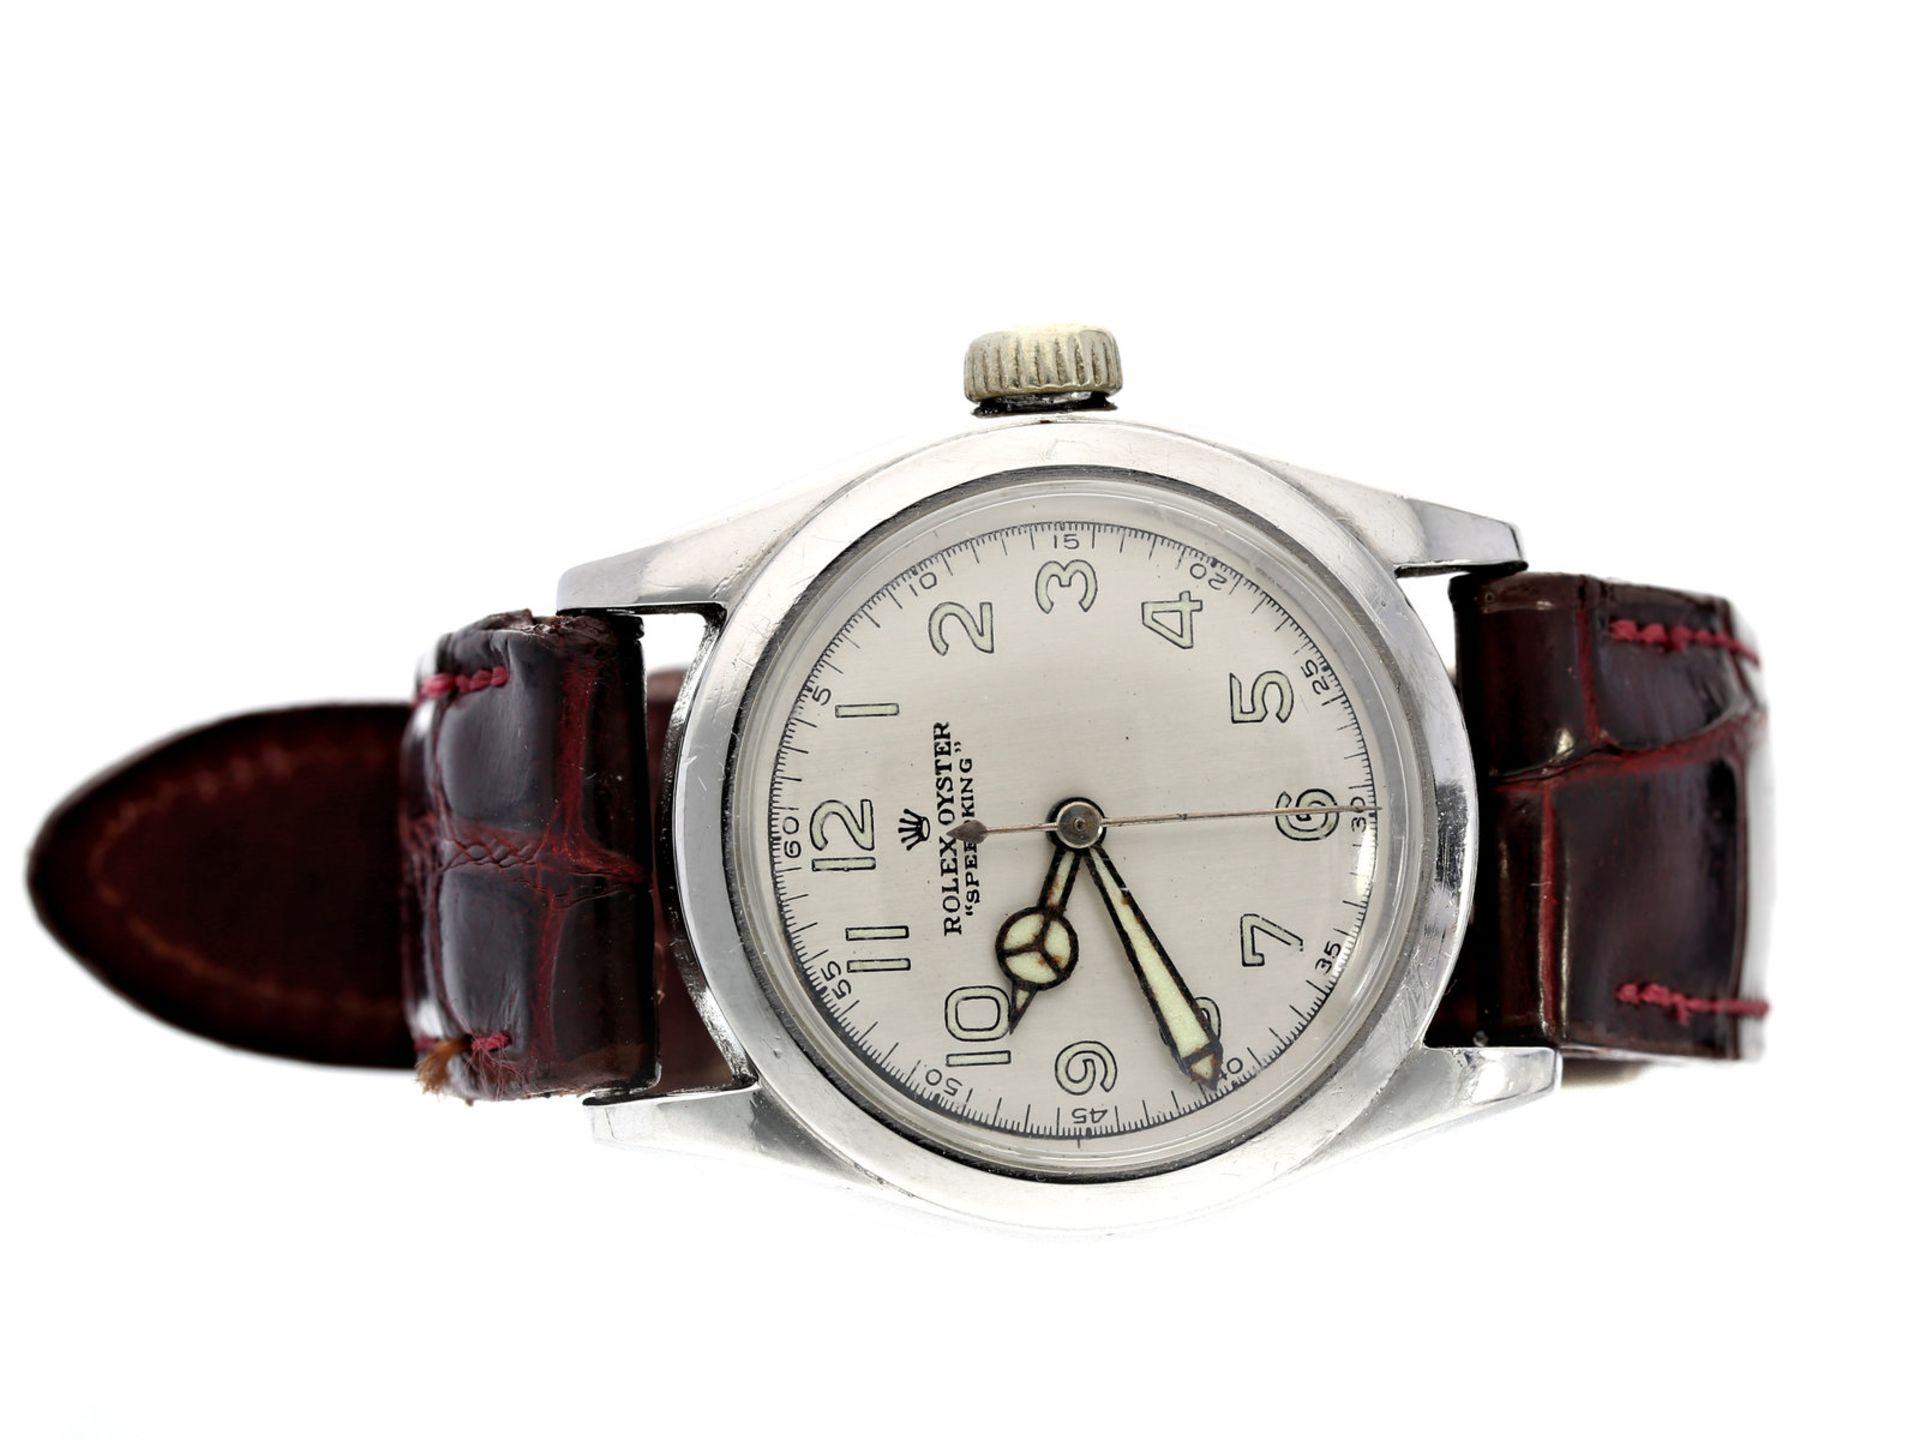 Armbanduhr: seltene, frühe Rolex Herrenuhr, Rolex Oyster Speedking Ref.2280, ca. 1942/43Ca. Ø30mm